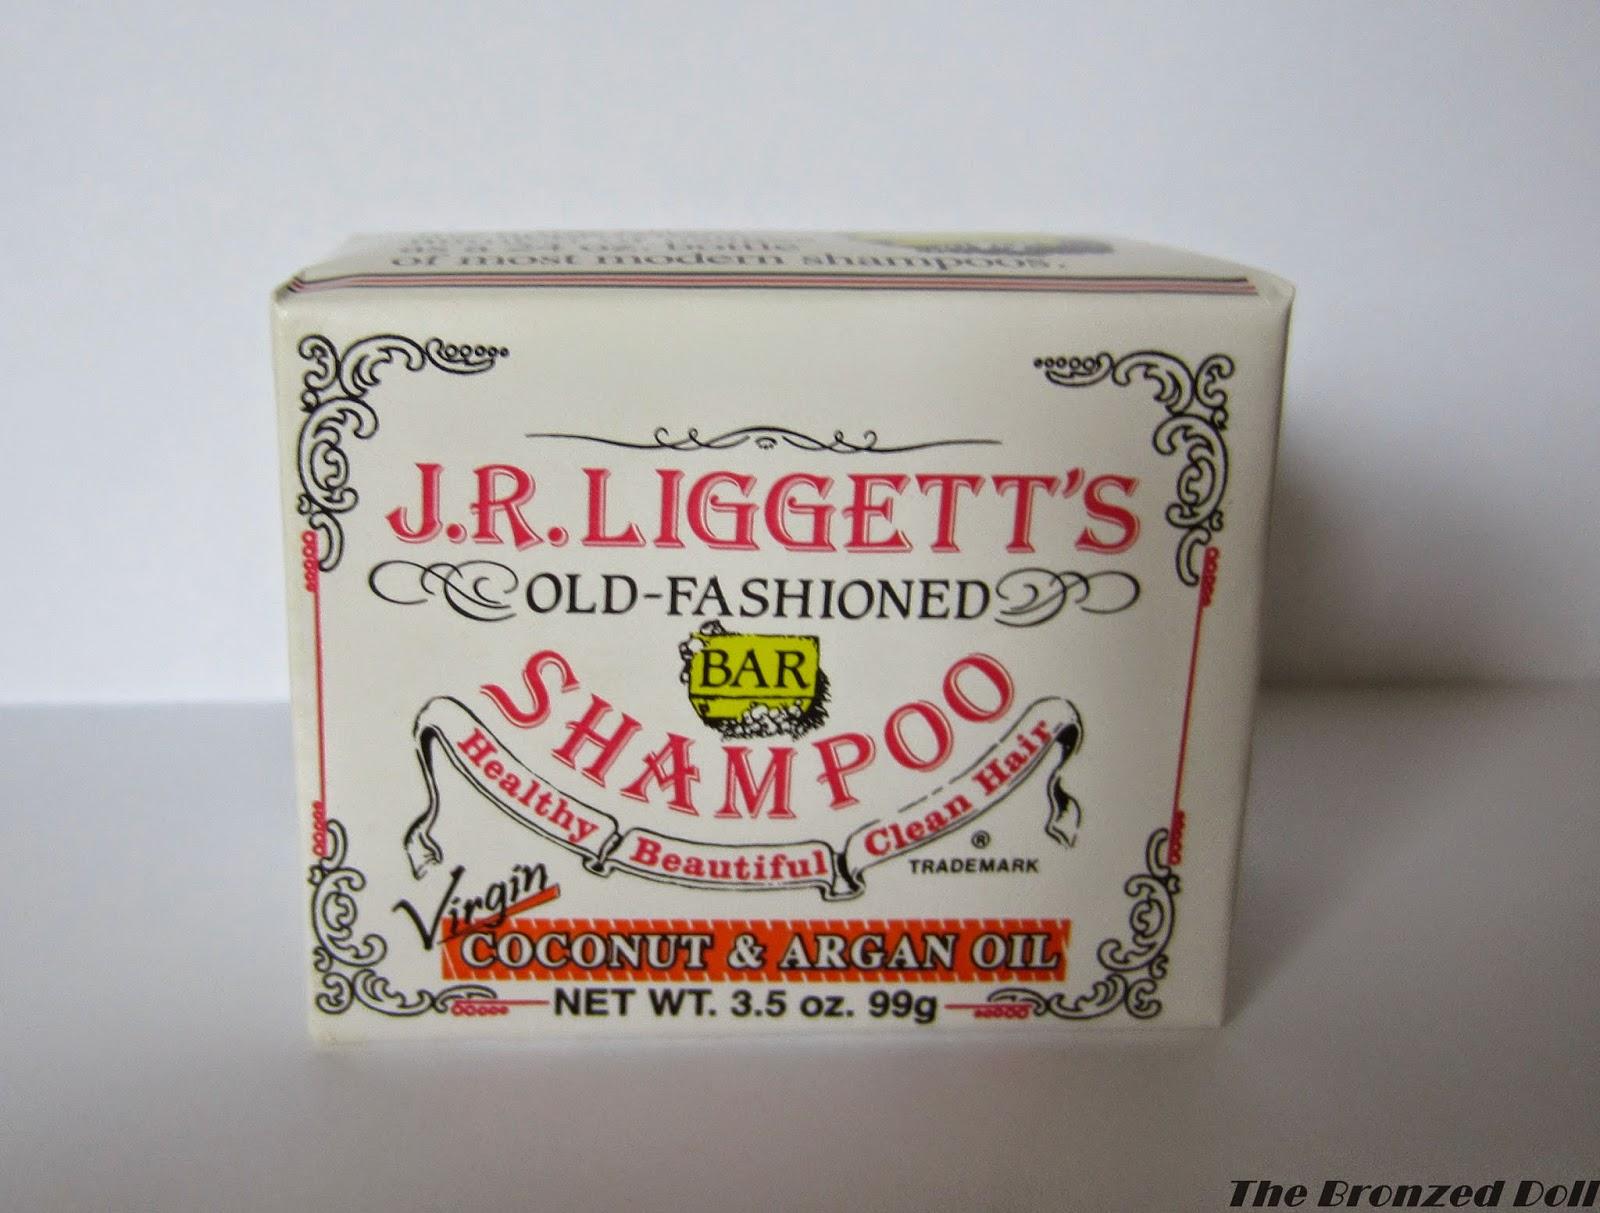 J.R LIGETT'S SHAMPOO BAR COCONUT & ARGAN OIL